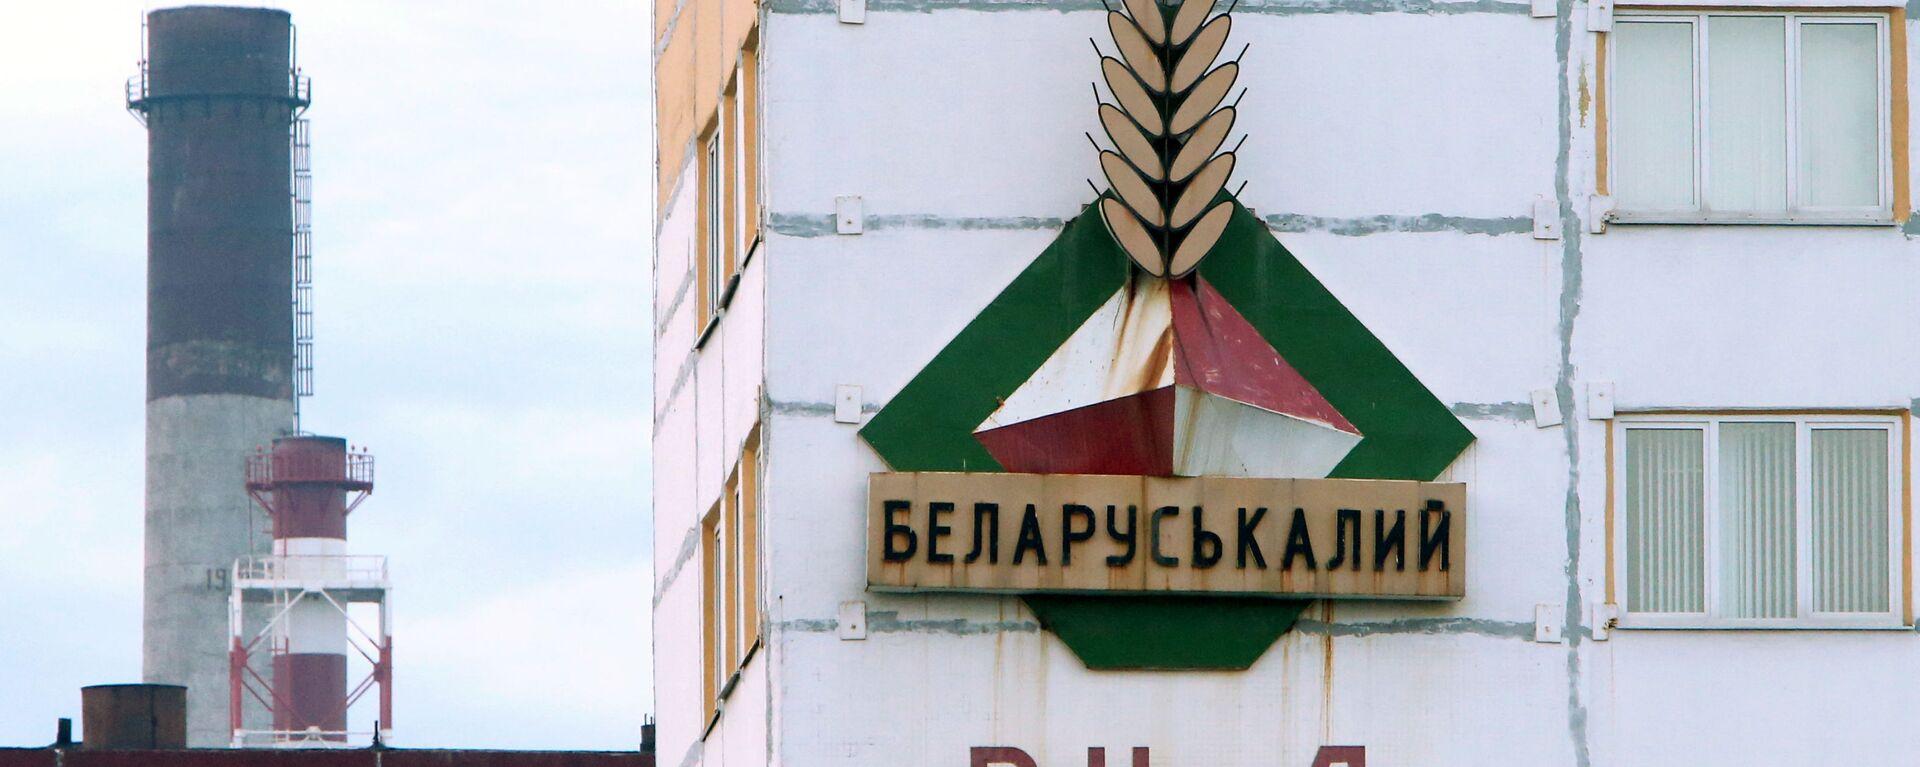 Беларуськалий остановил работу половины рудников - Sputnik Латвия, 1920, 27.05.2021